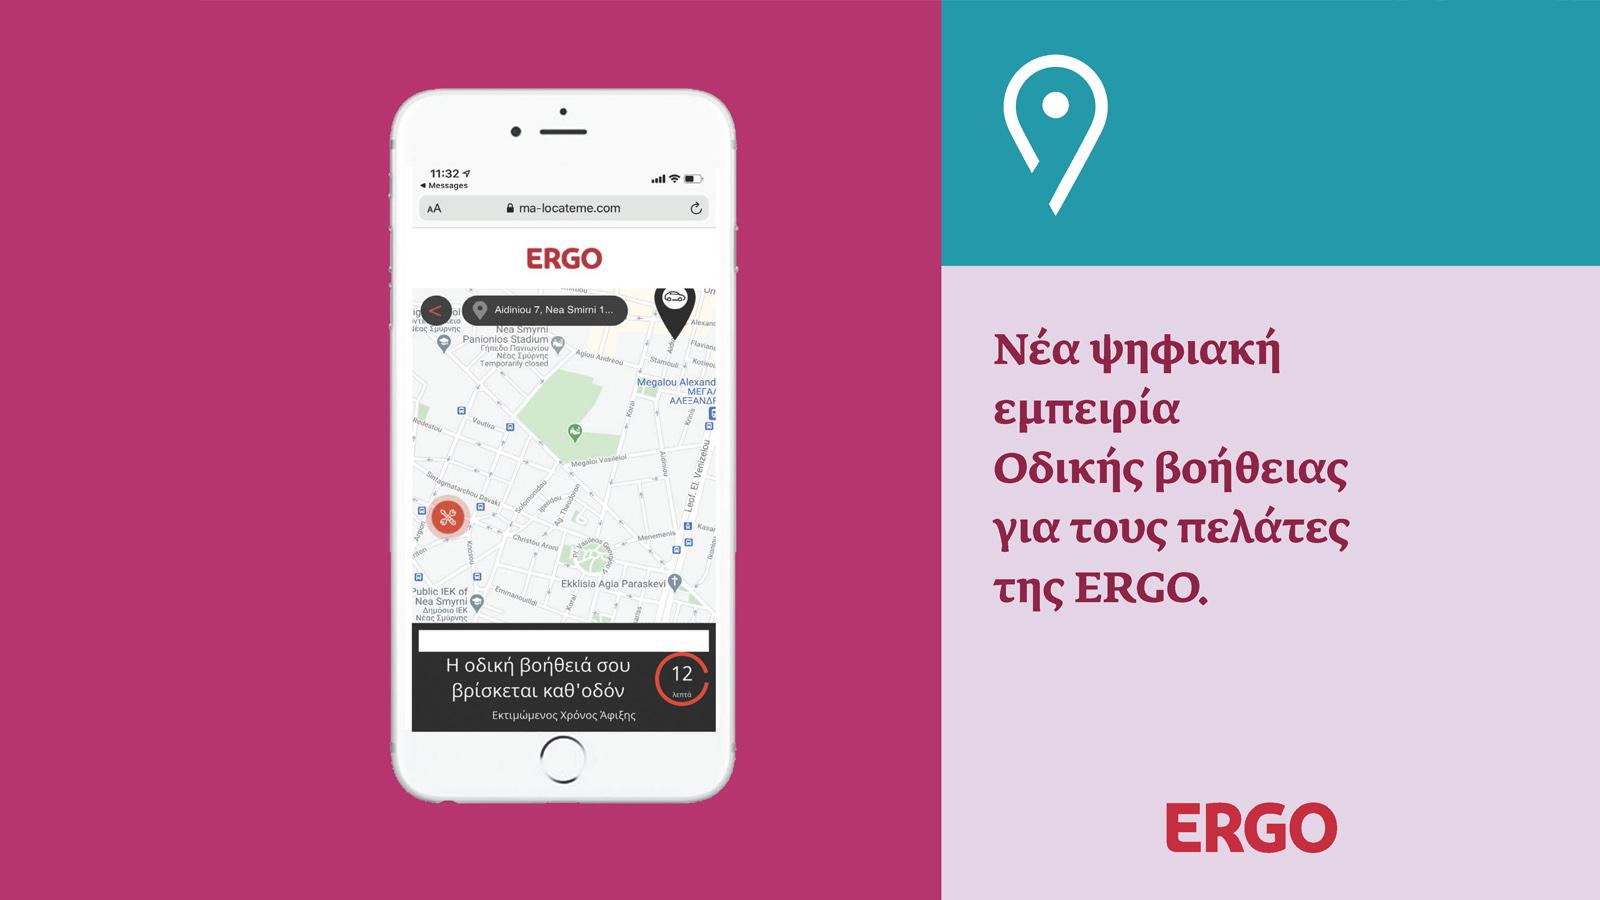 Νέα ψηφιακή εμπειρία Οδικής βοήθειας για τους πελάτες της ERGO